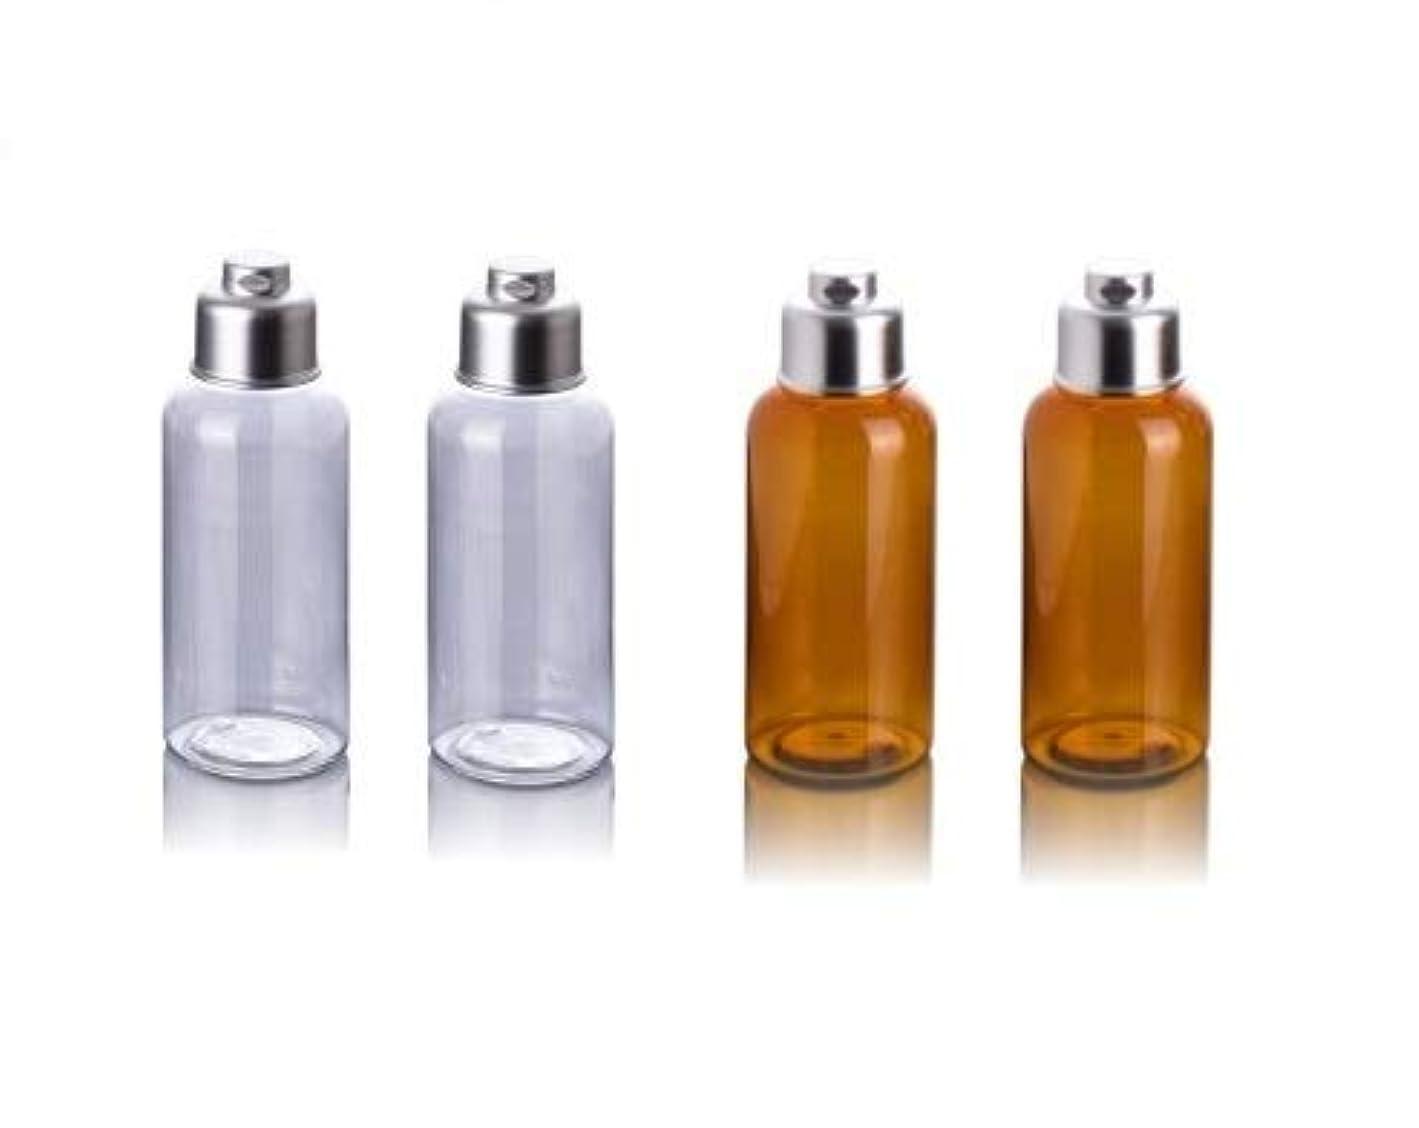 トリッキー恐れアヒルBijou Cat 小分けボトル 旅行携帯用容器 100ml シャンプーボトル プラスチック製本体 透明?茶色 4本セット